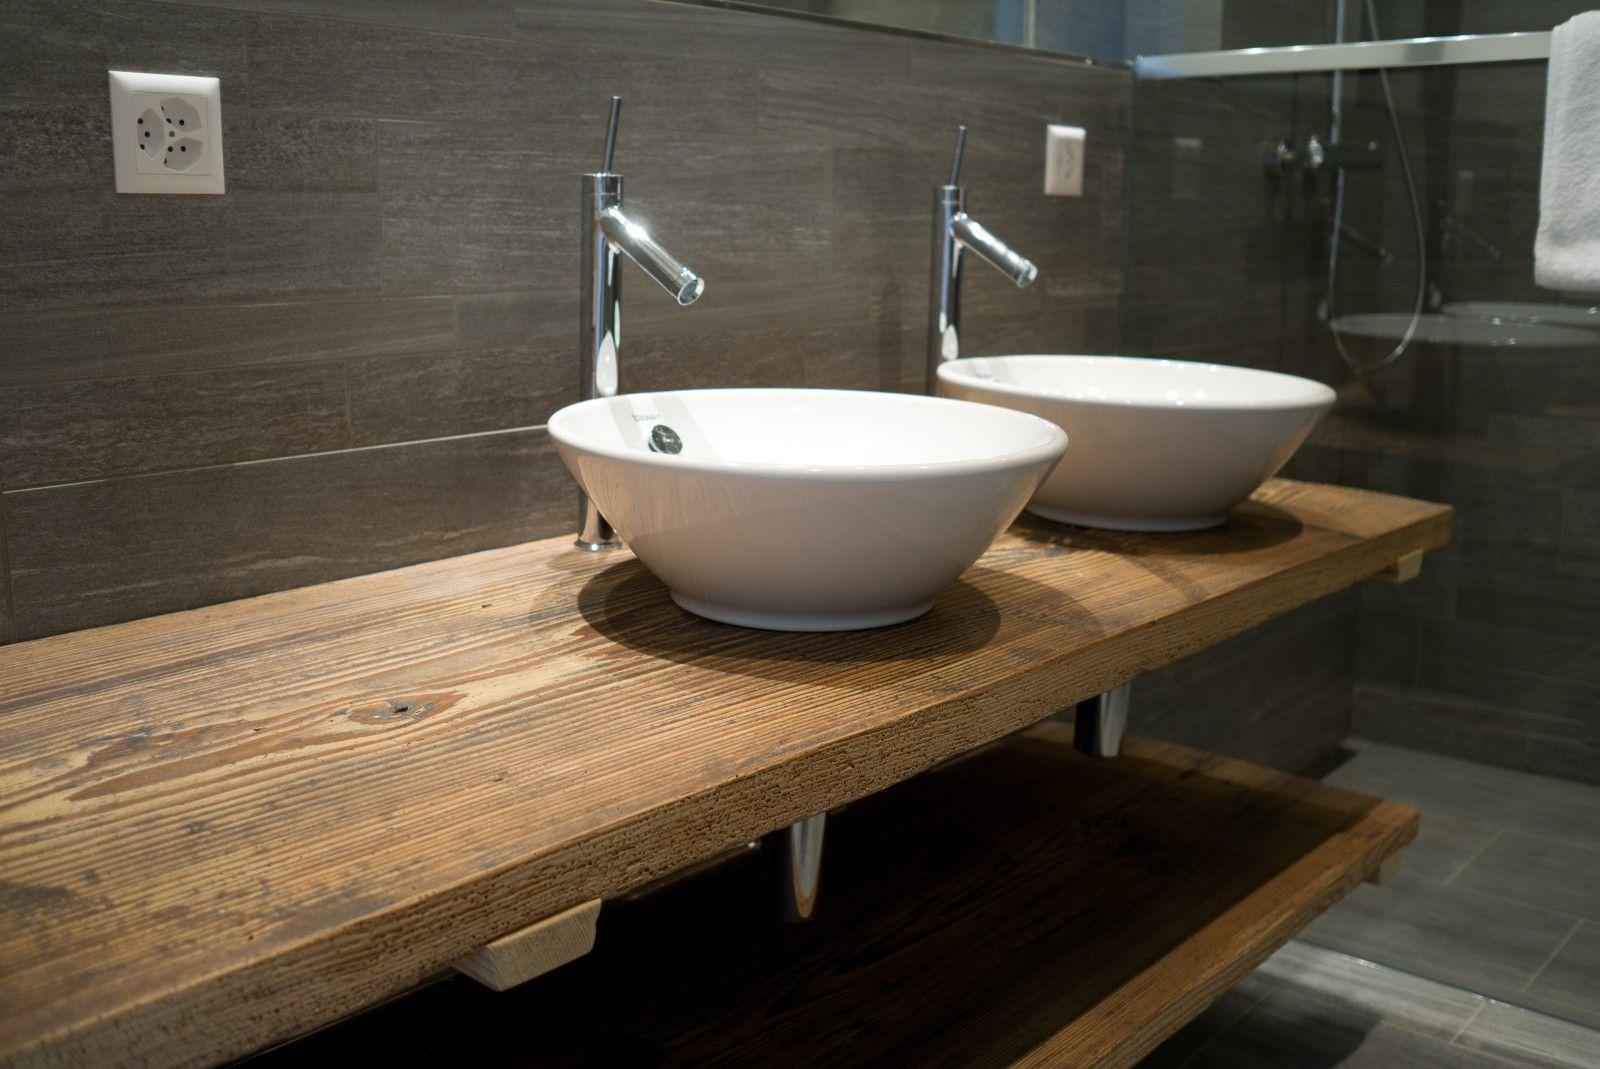 Waschtischplatte für aufsatzwaschbecken  Waschtisch aus Altholz | Badezimmer | Pinterest | Altholz ...